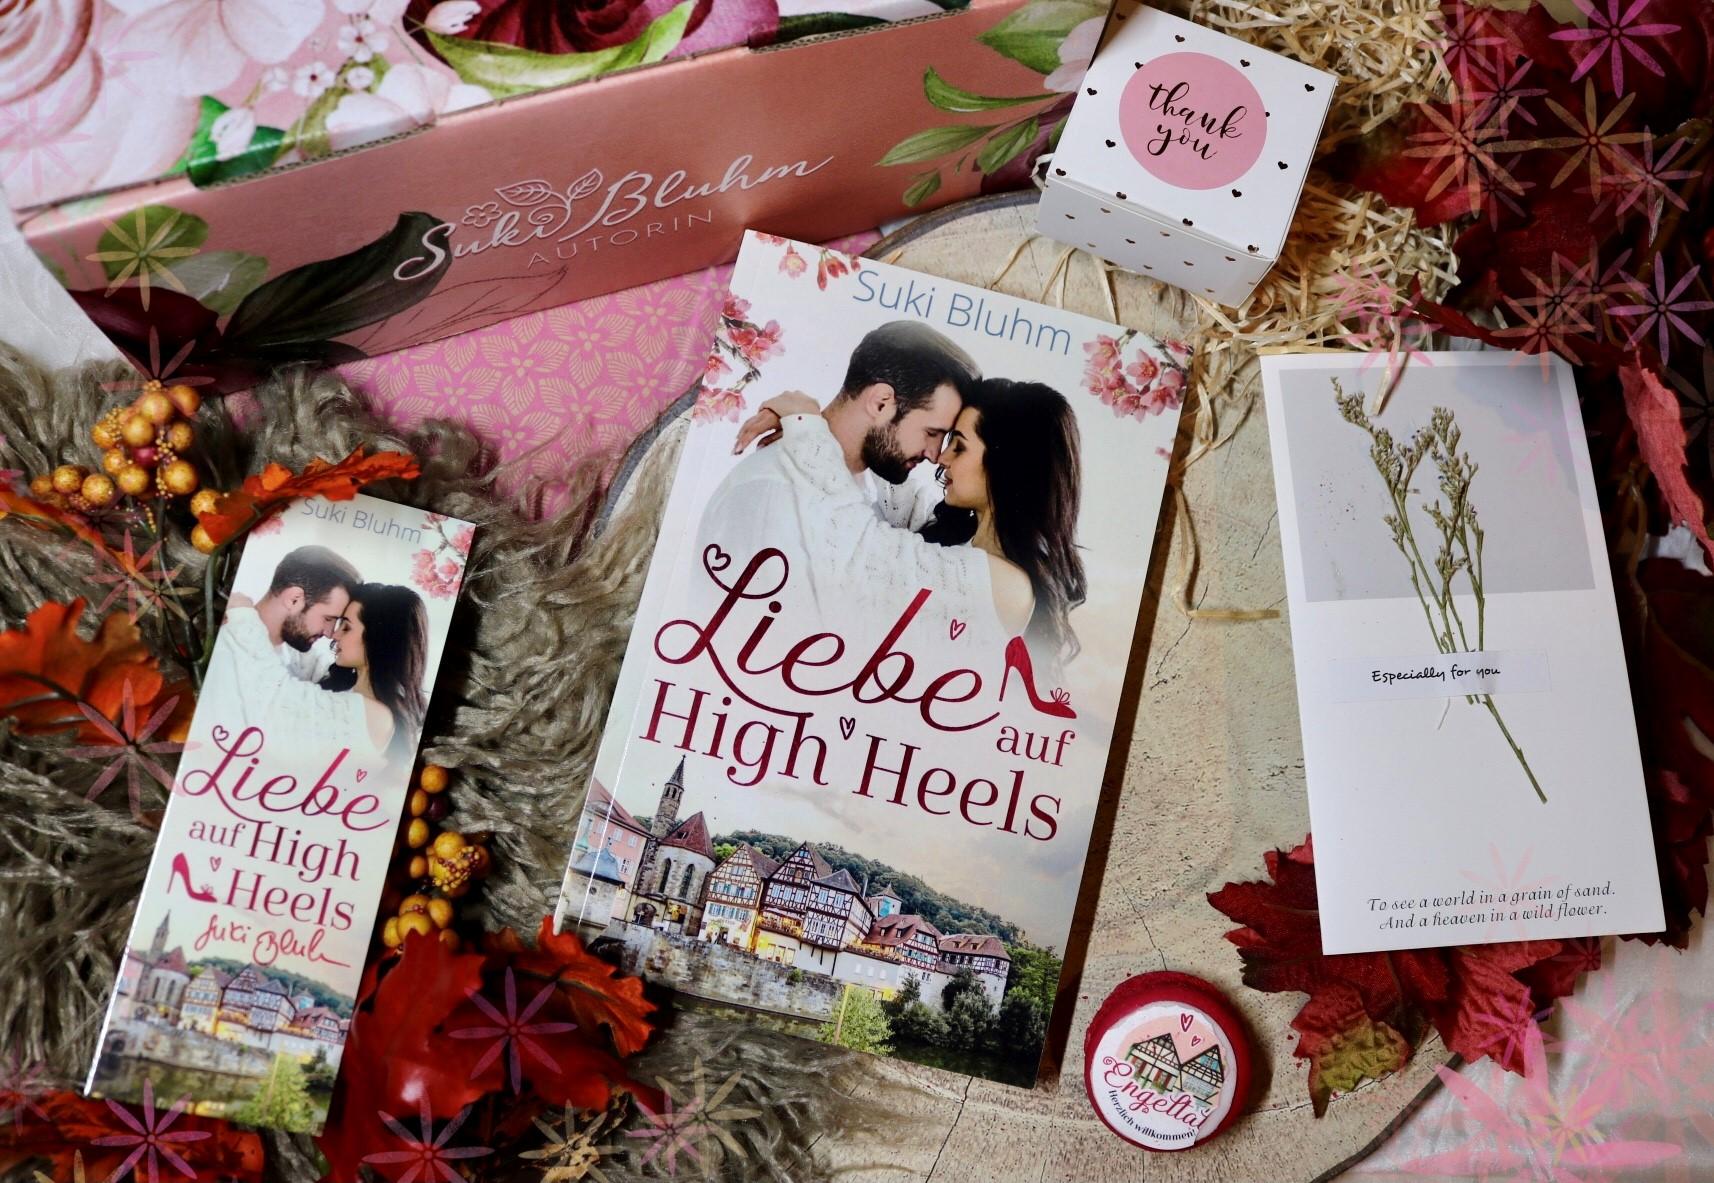 Liebe auf High Heels